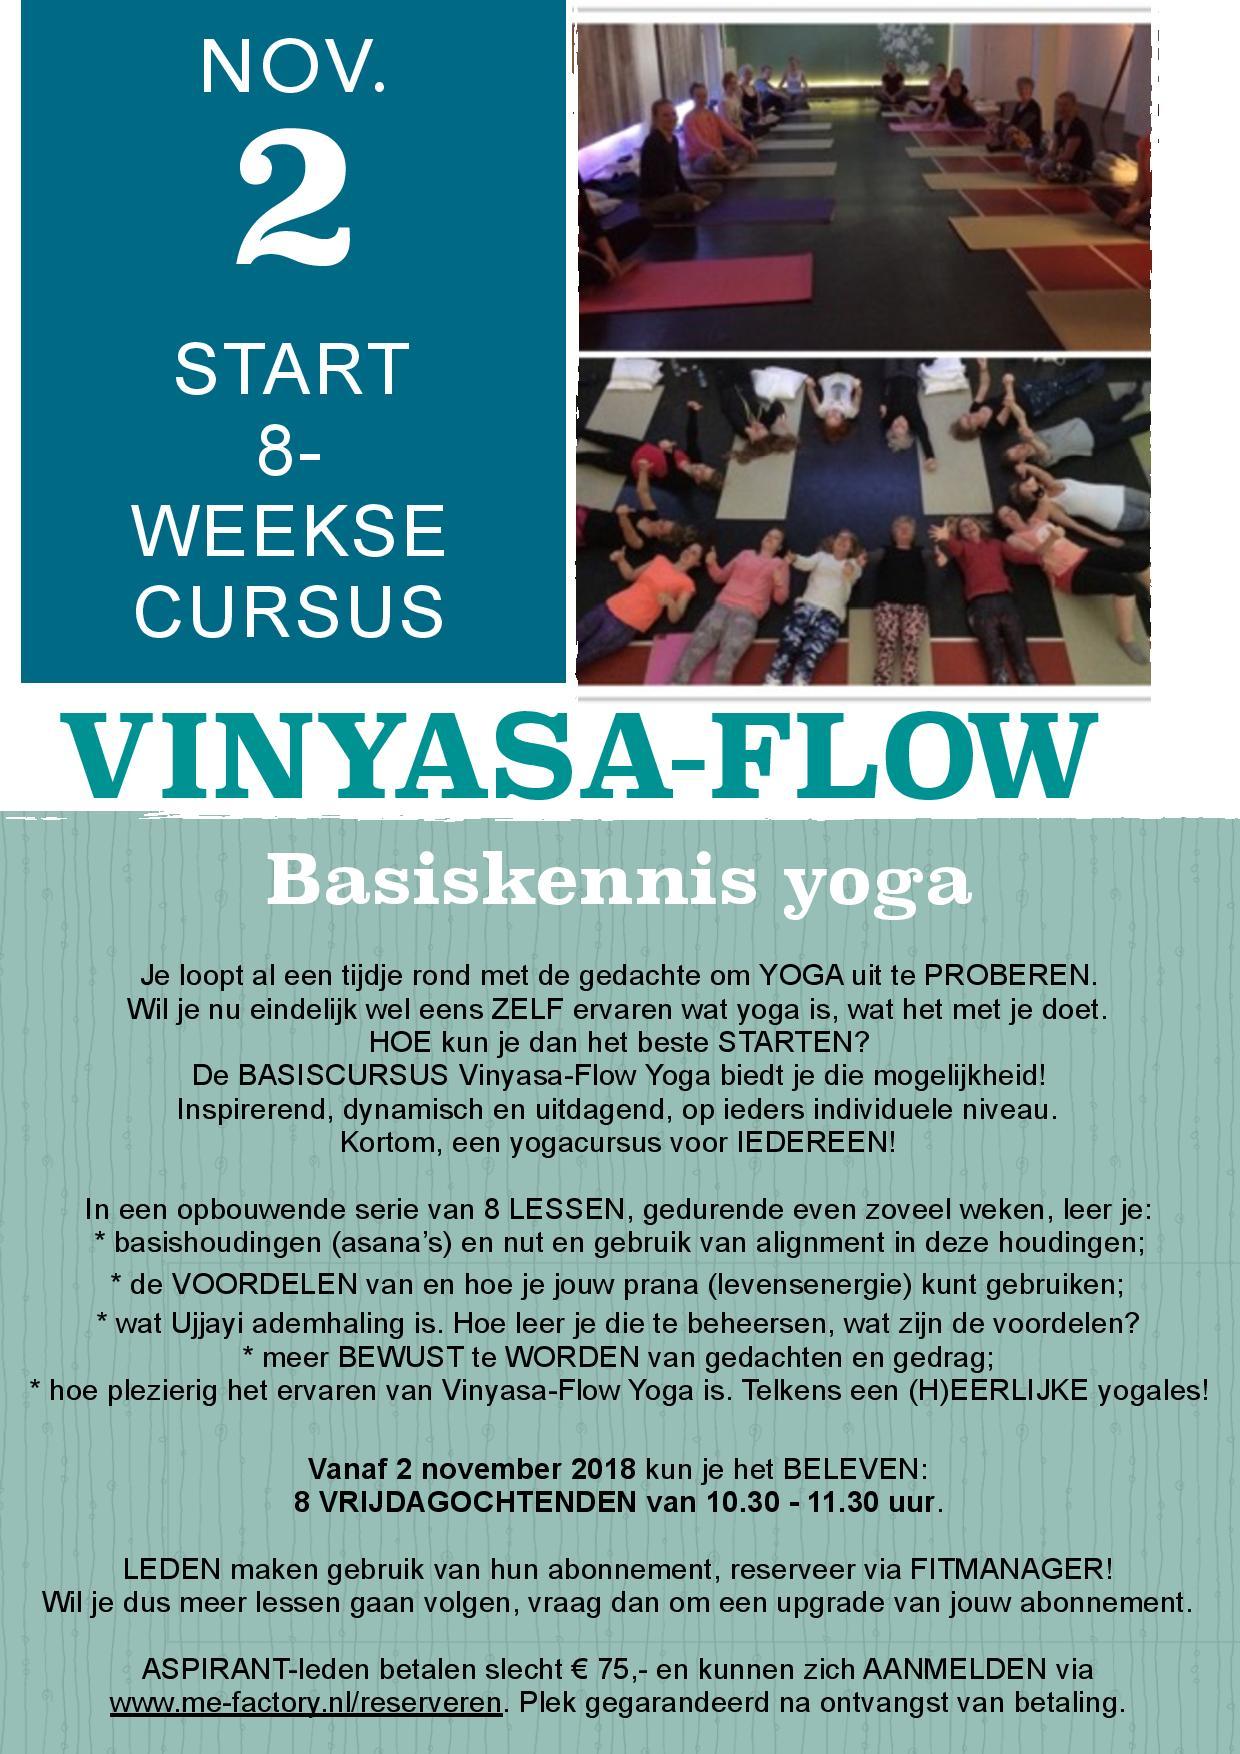 cursus vinyasa flow yoga me factory yoga emmen opleidingen lifestyle